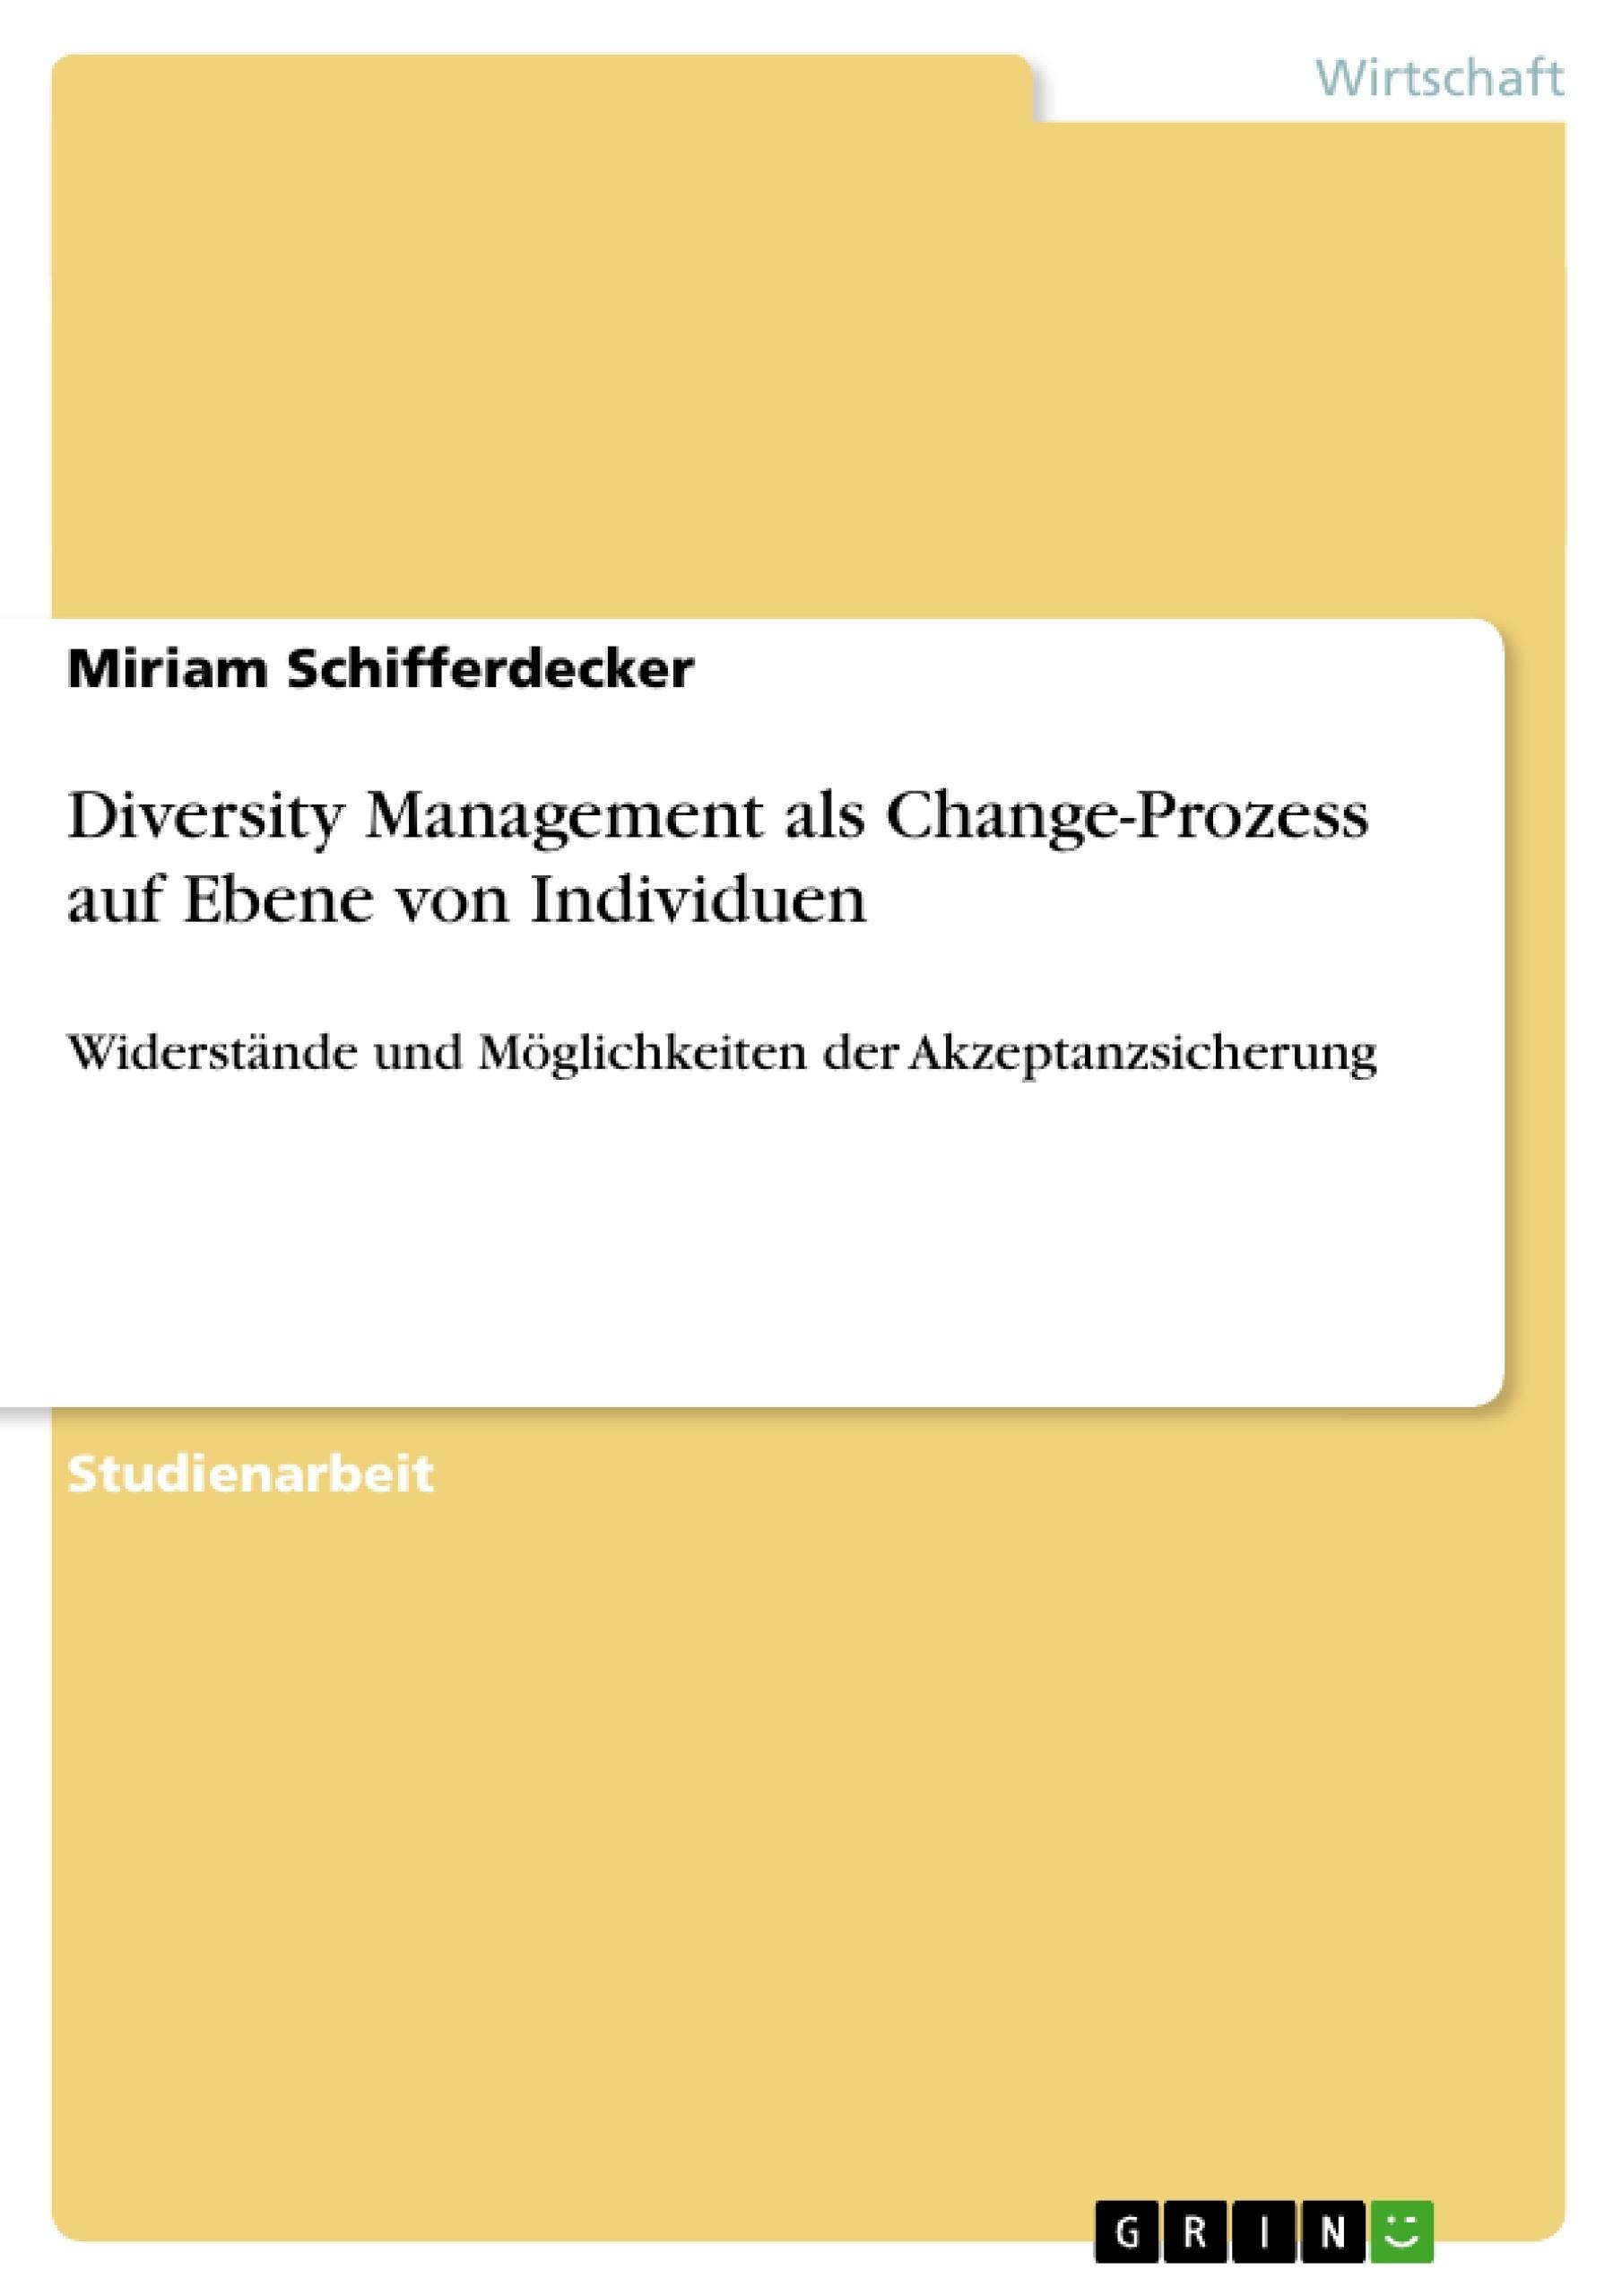 Titel: Diversity Management als Change-Prozess auf Ebene von Individuen